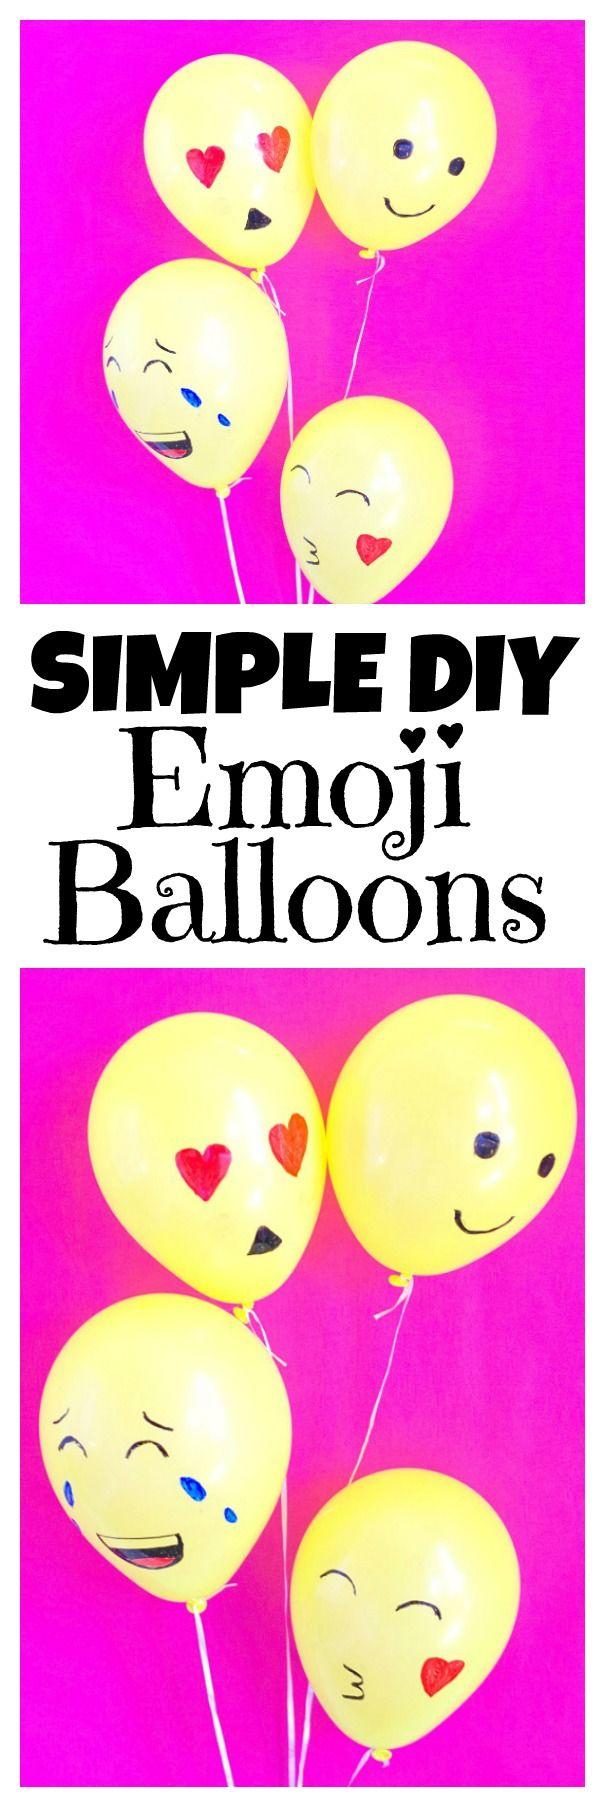 Simple DIY Emoji Balloons! Super easy and fun emoji party DIY